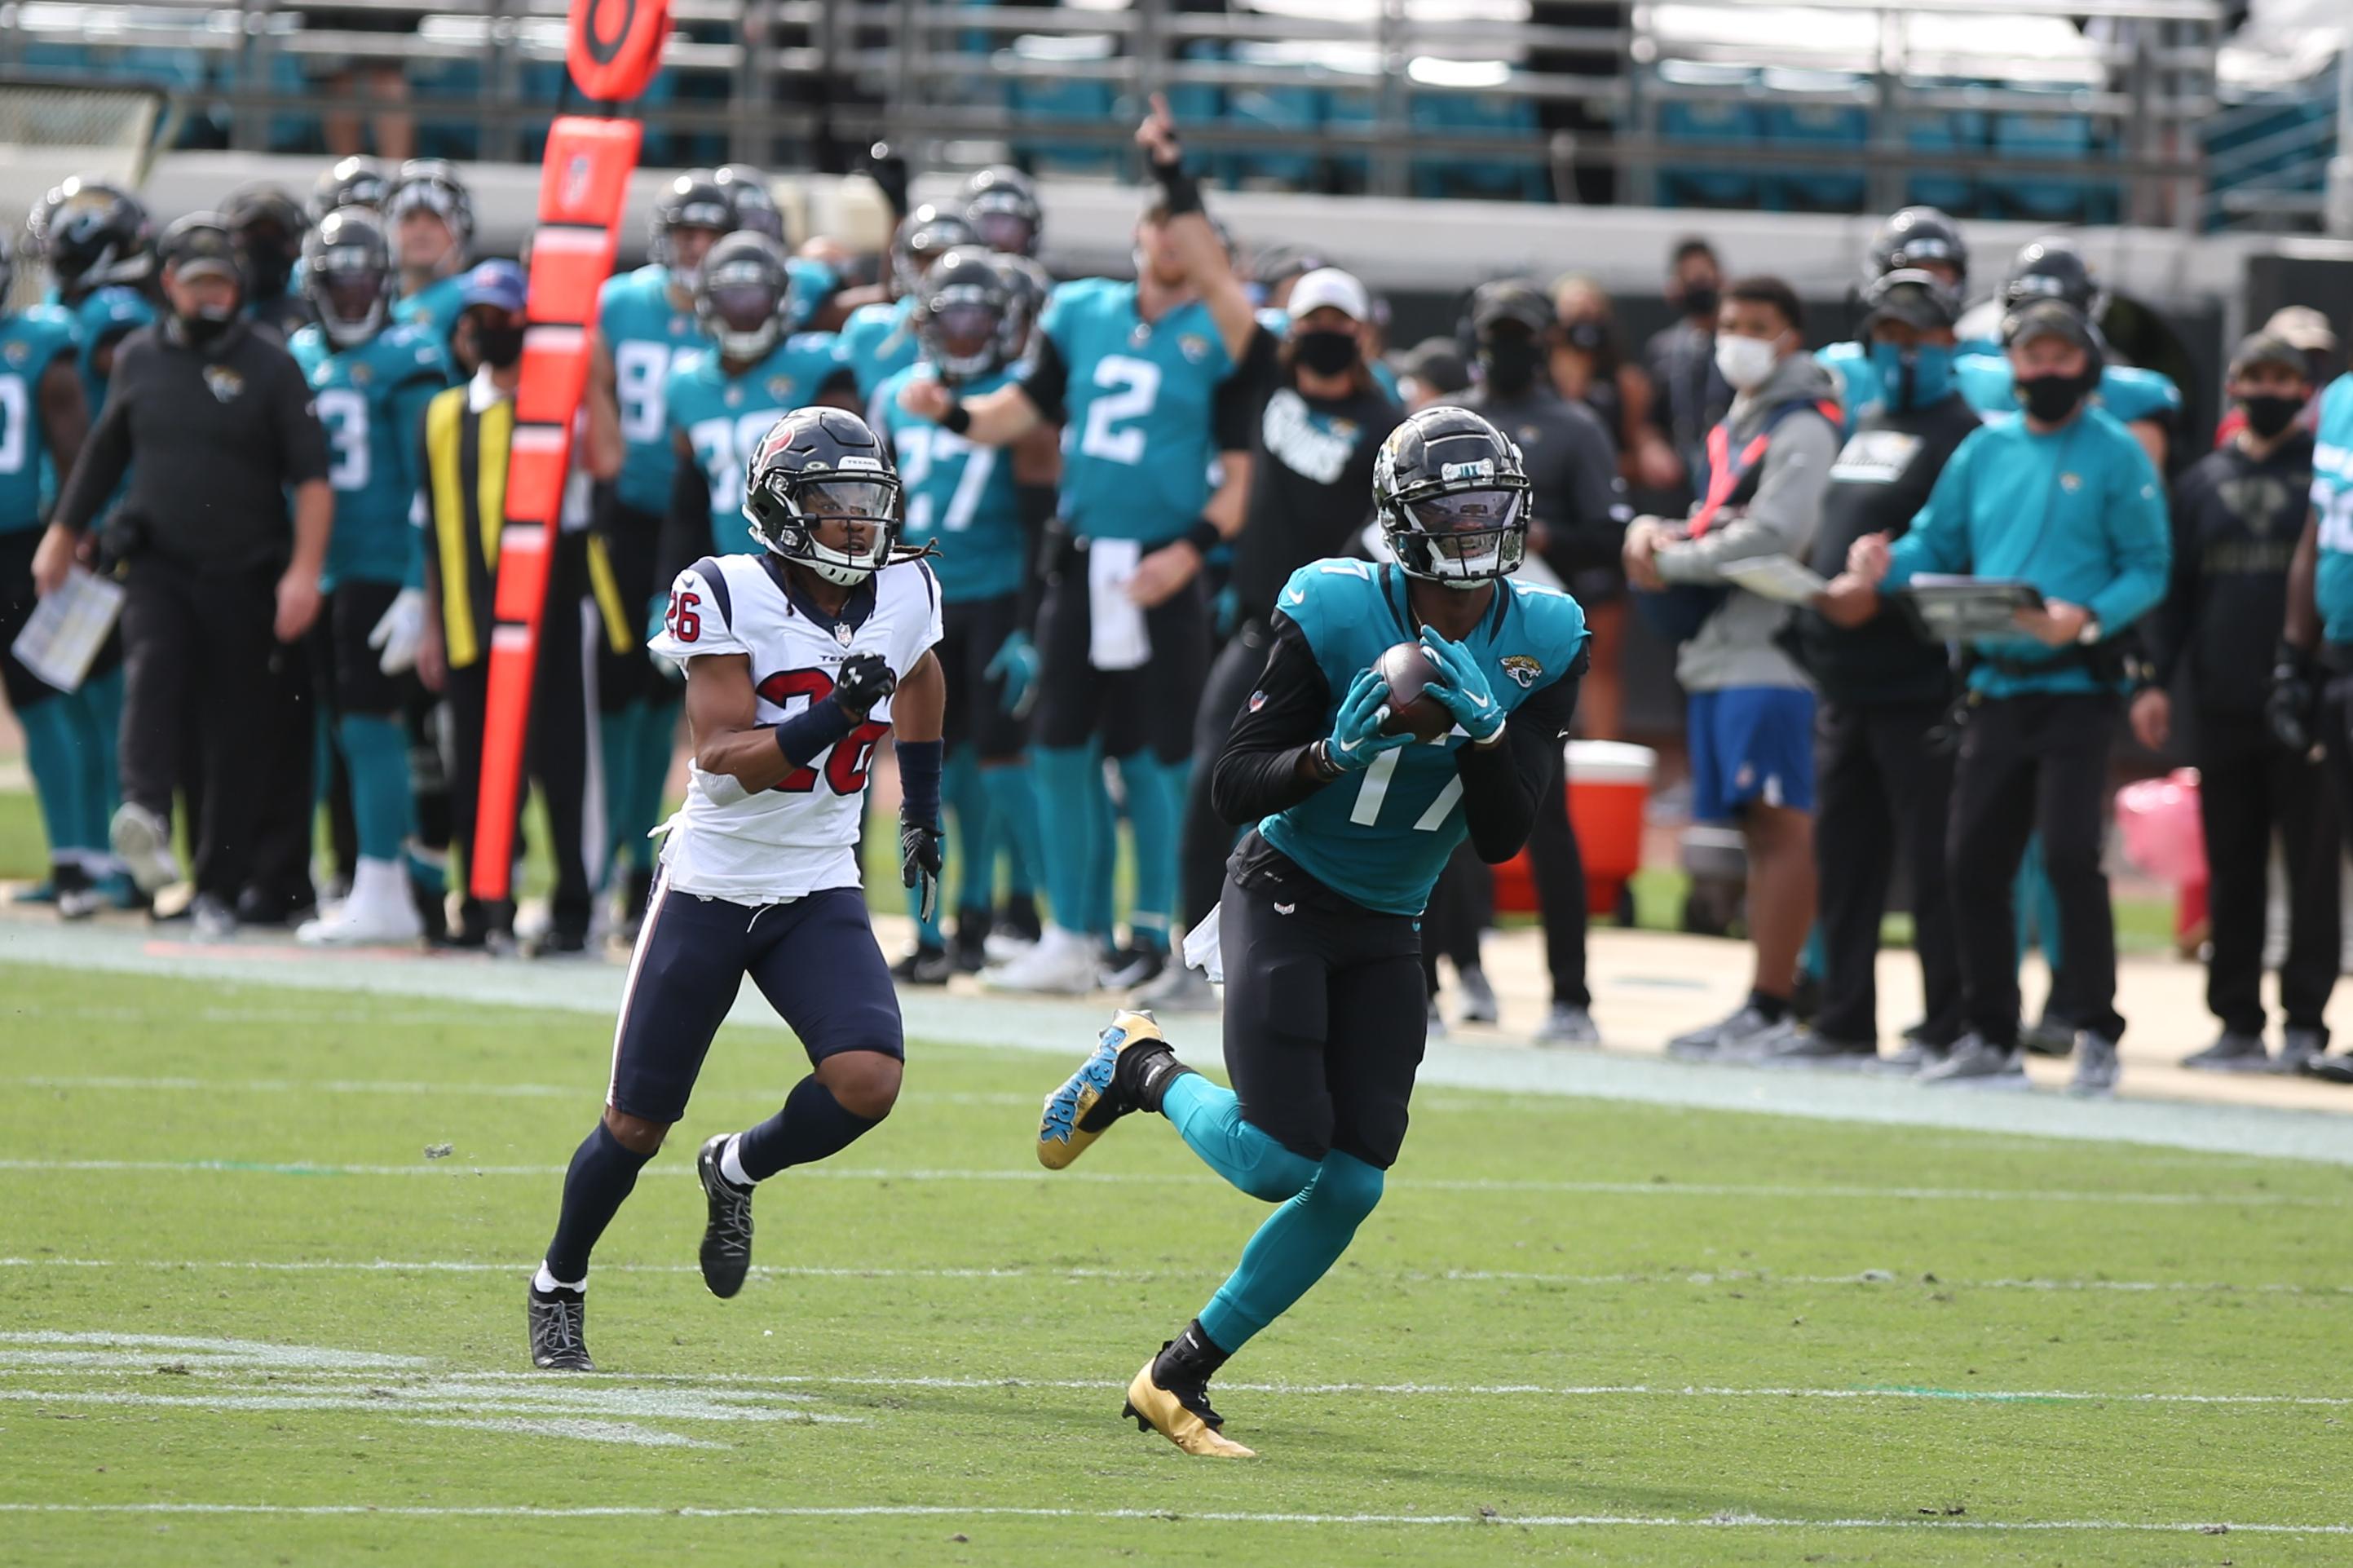 NFL: NOV 08 Texans at Jaguars